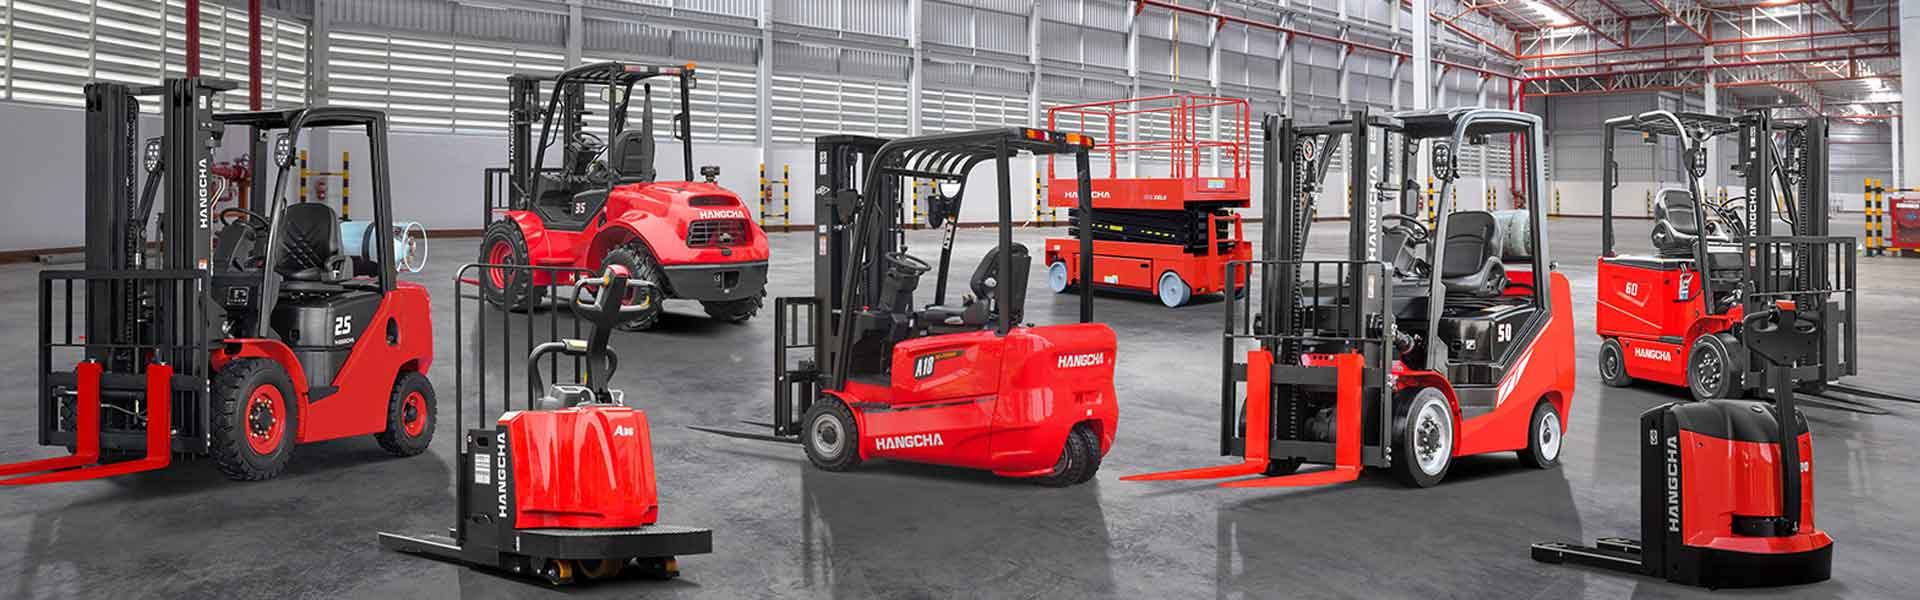 Hangcha Forklift - C & C Lift Truck